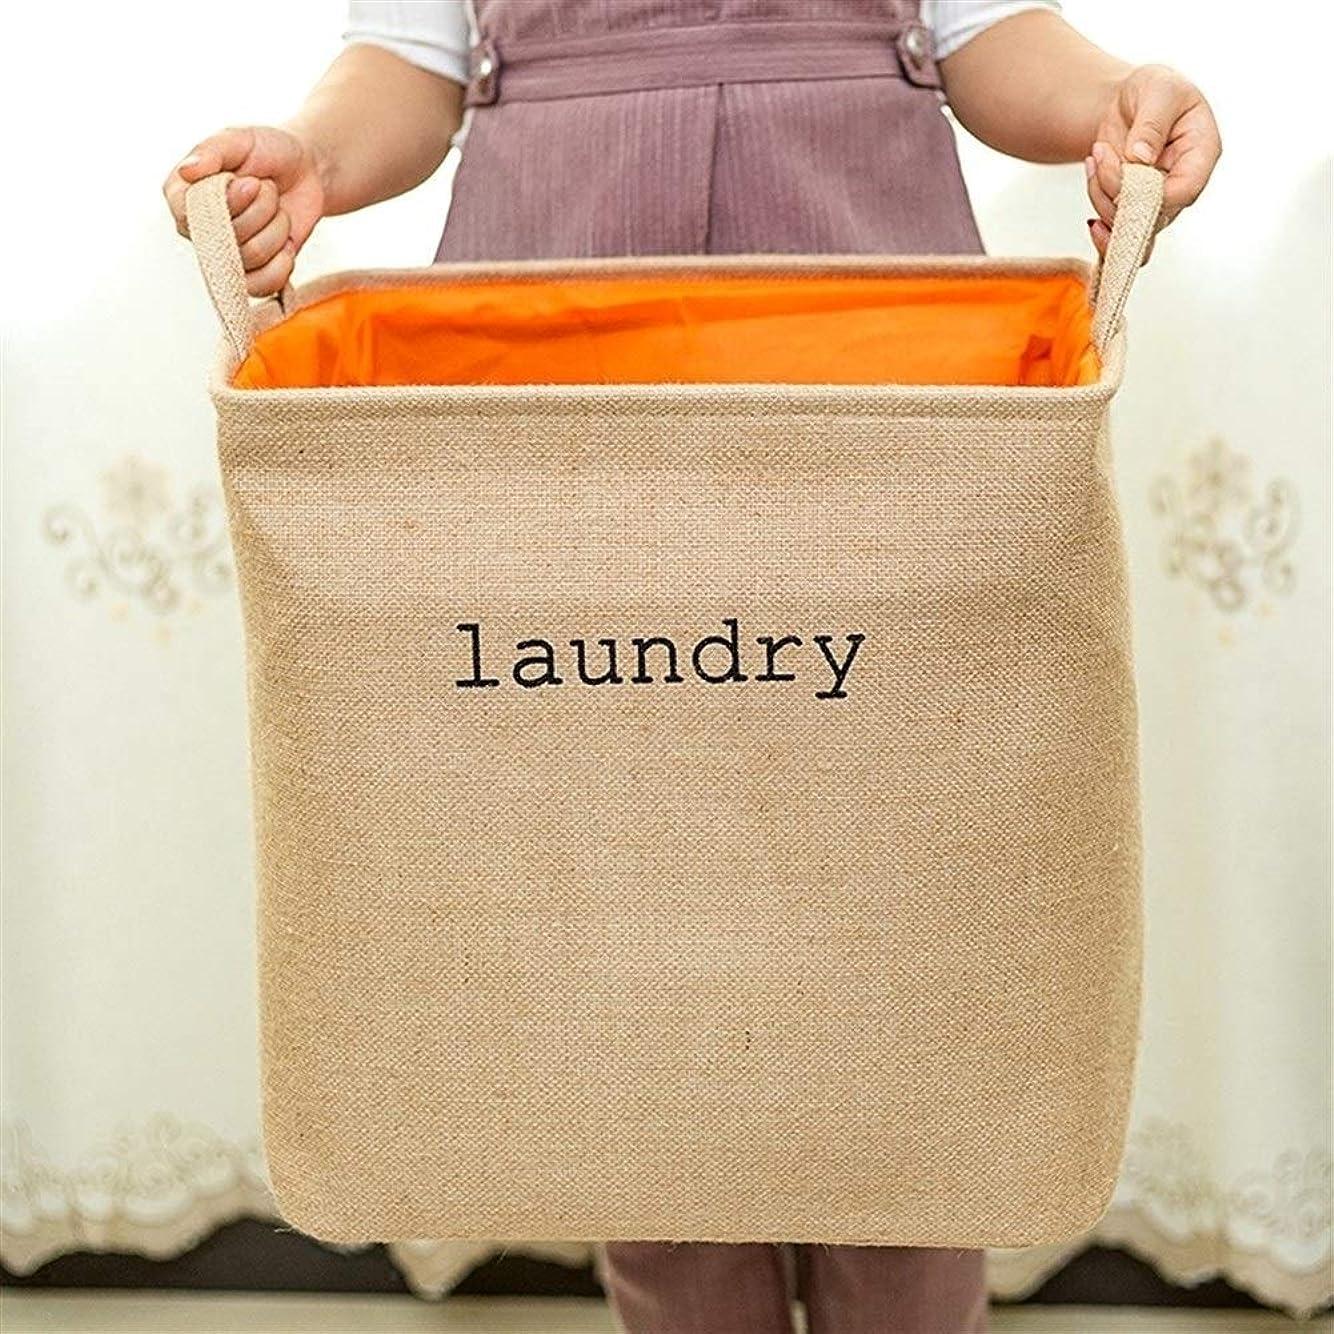 夏杭こねる折り畳み式の衣類収納バスケット-綿、キューブ型-ホームオーガナイザー、汚れた衣類収納ボックス。バスルームに適しています (Color : A 40*32*43CM)